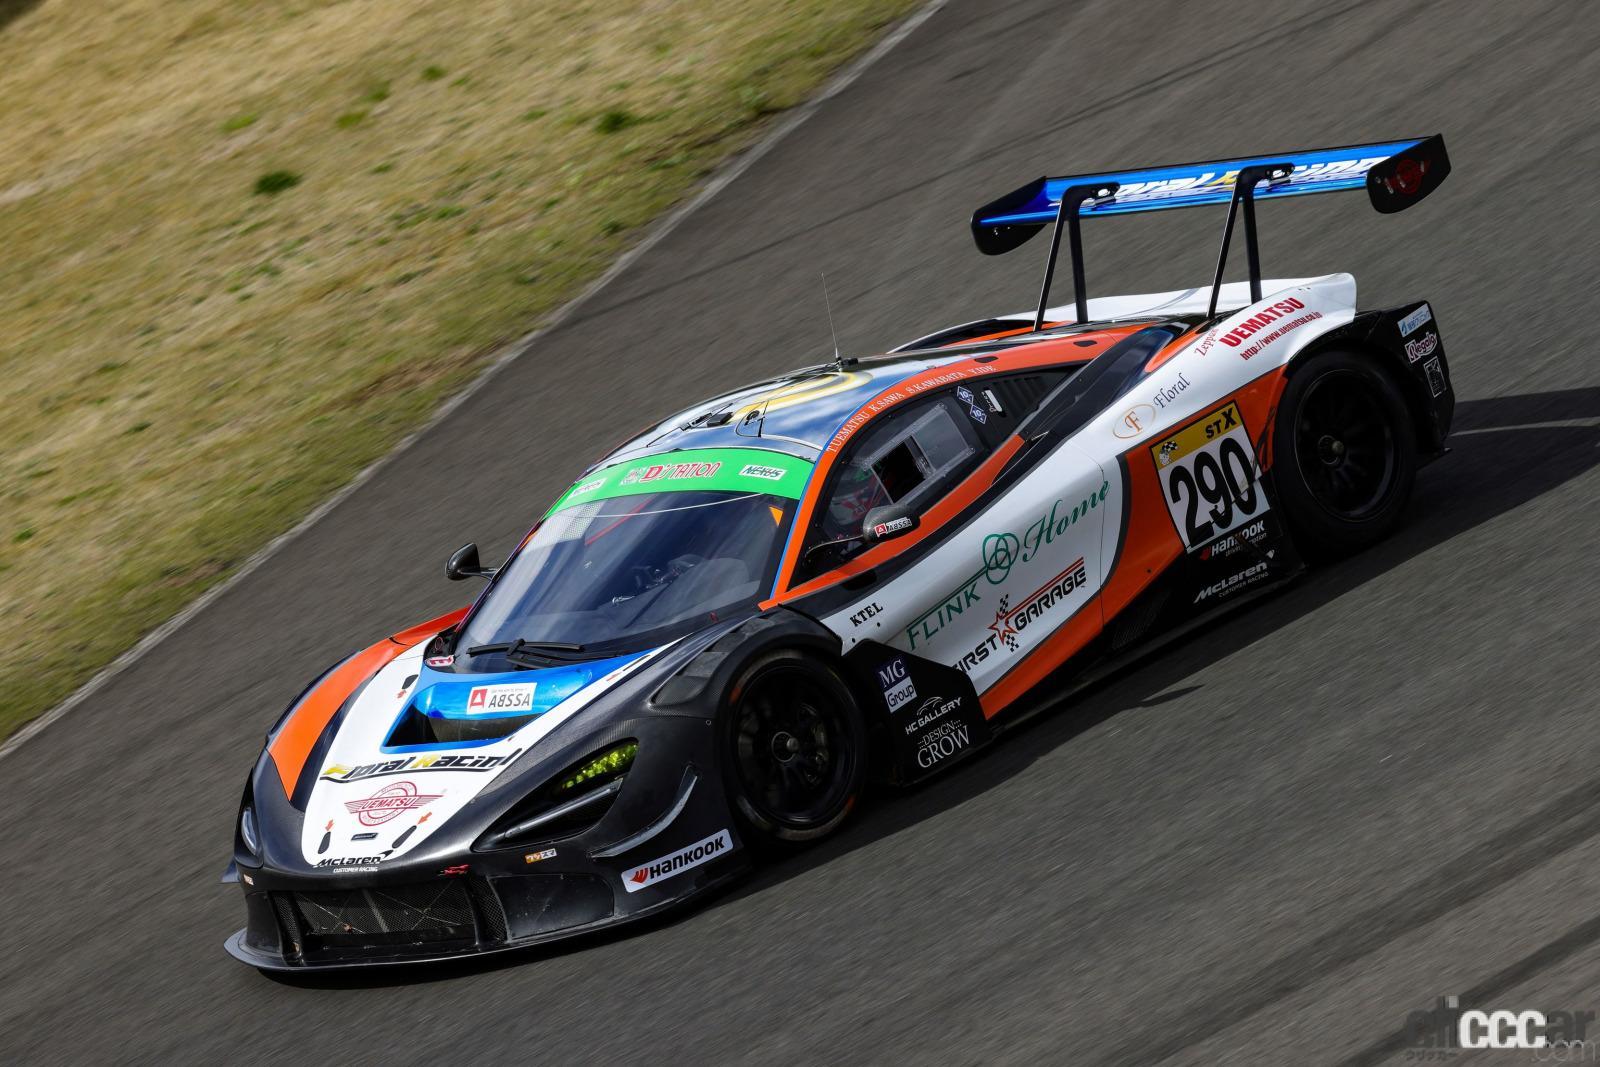 スーパー耐久シリーズRd.2 SUGO・ST-Xクラス「マクラーレン720S GT3×元F1パイロット井出有治」、ラストのガチンコバトルは2位へ0.3秒まで詰めるも届かず!